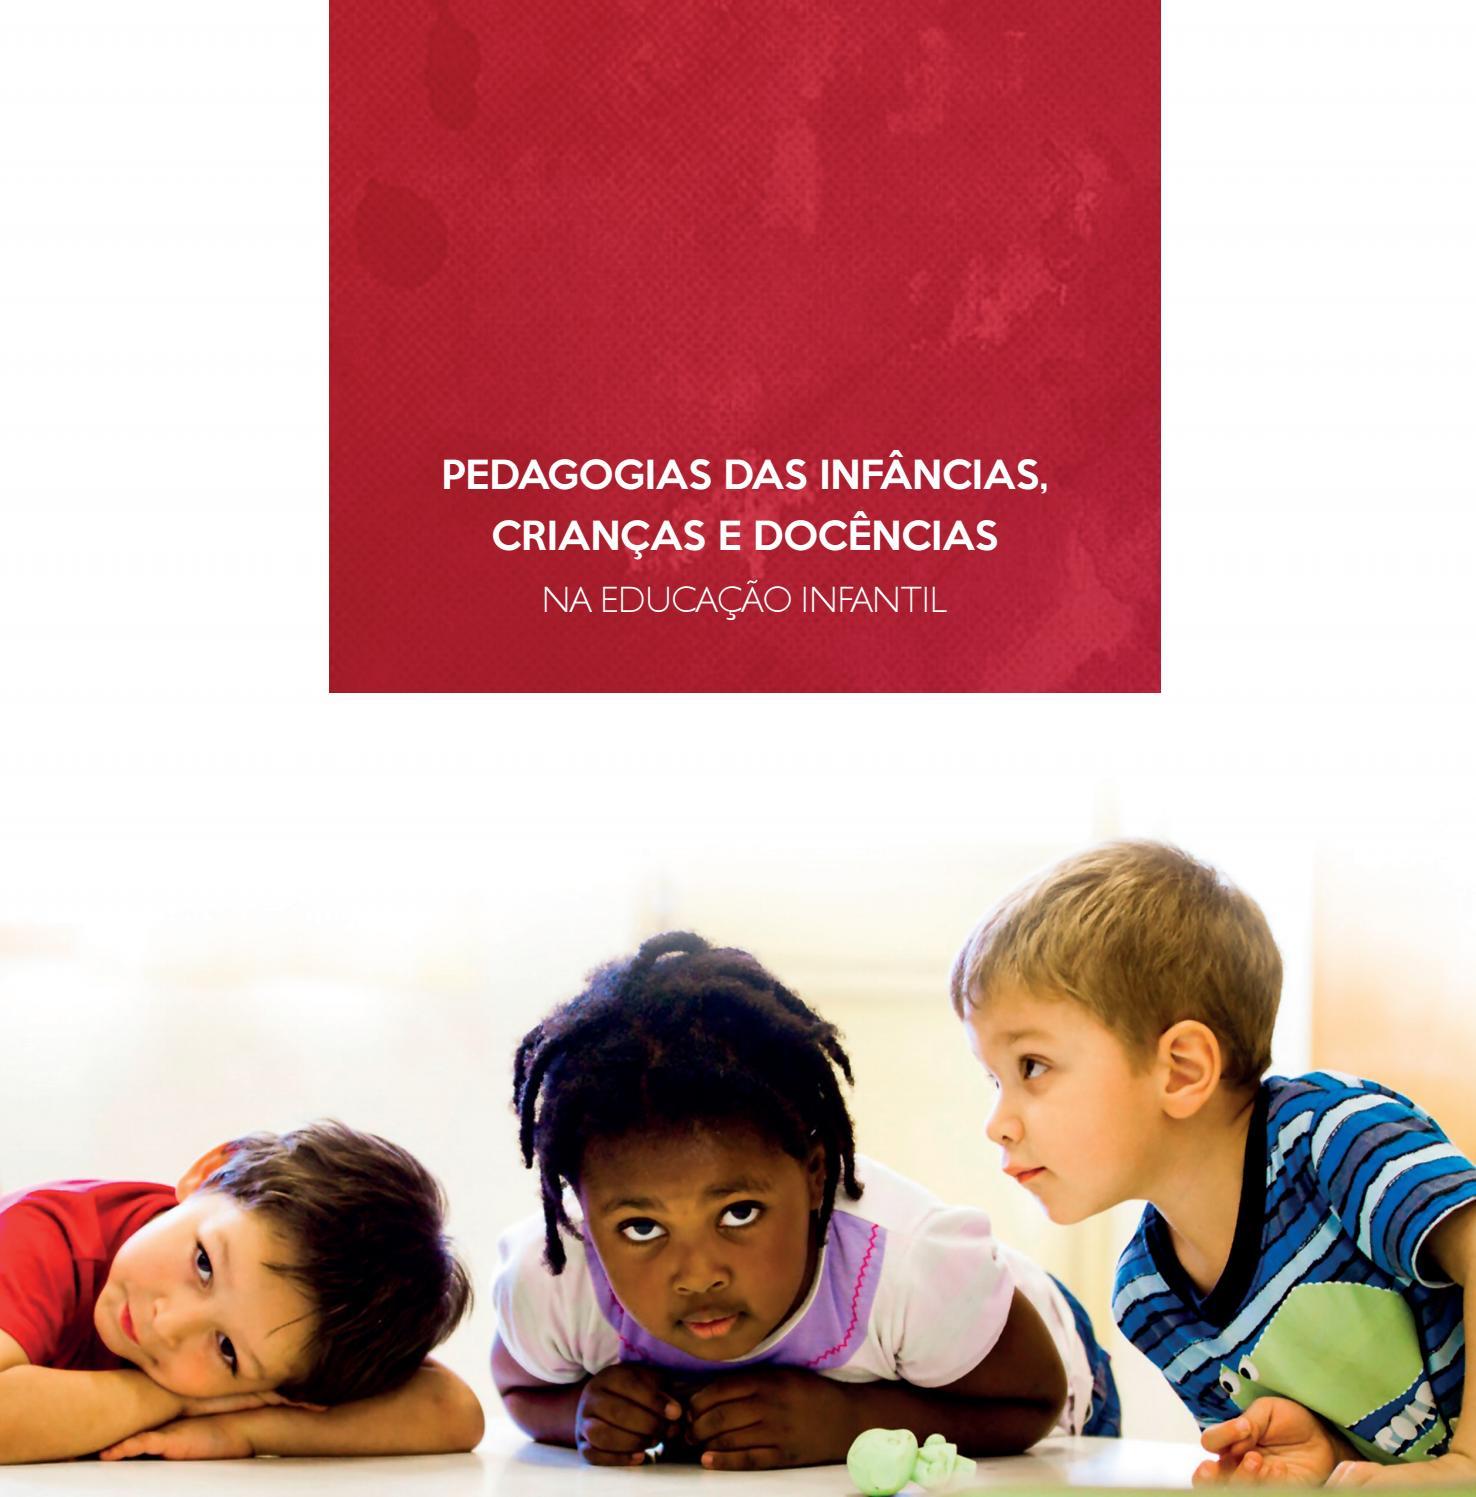 f154bce5ca5aa Pedagogias das infâncias e docências by Paralapracá - issuu